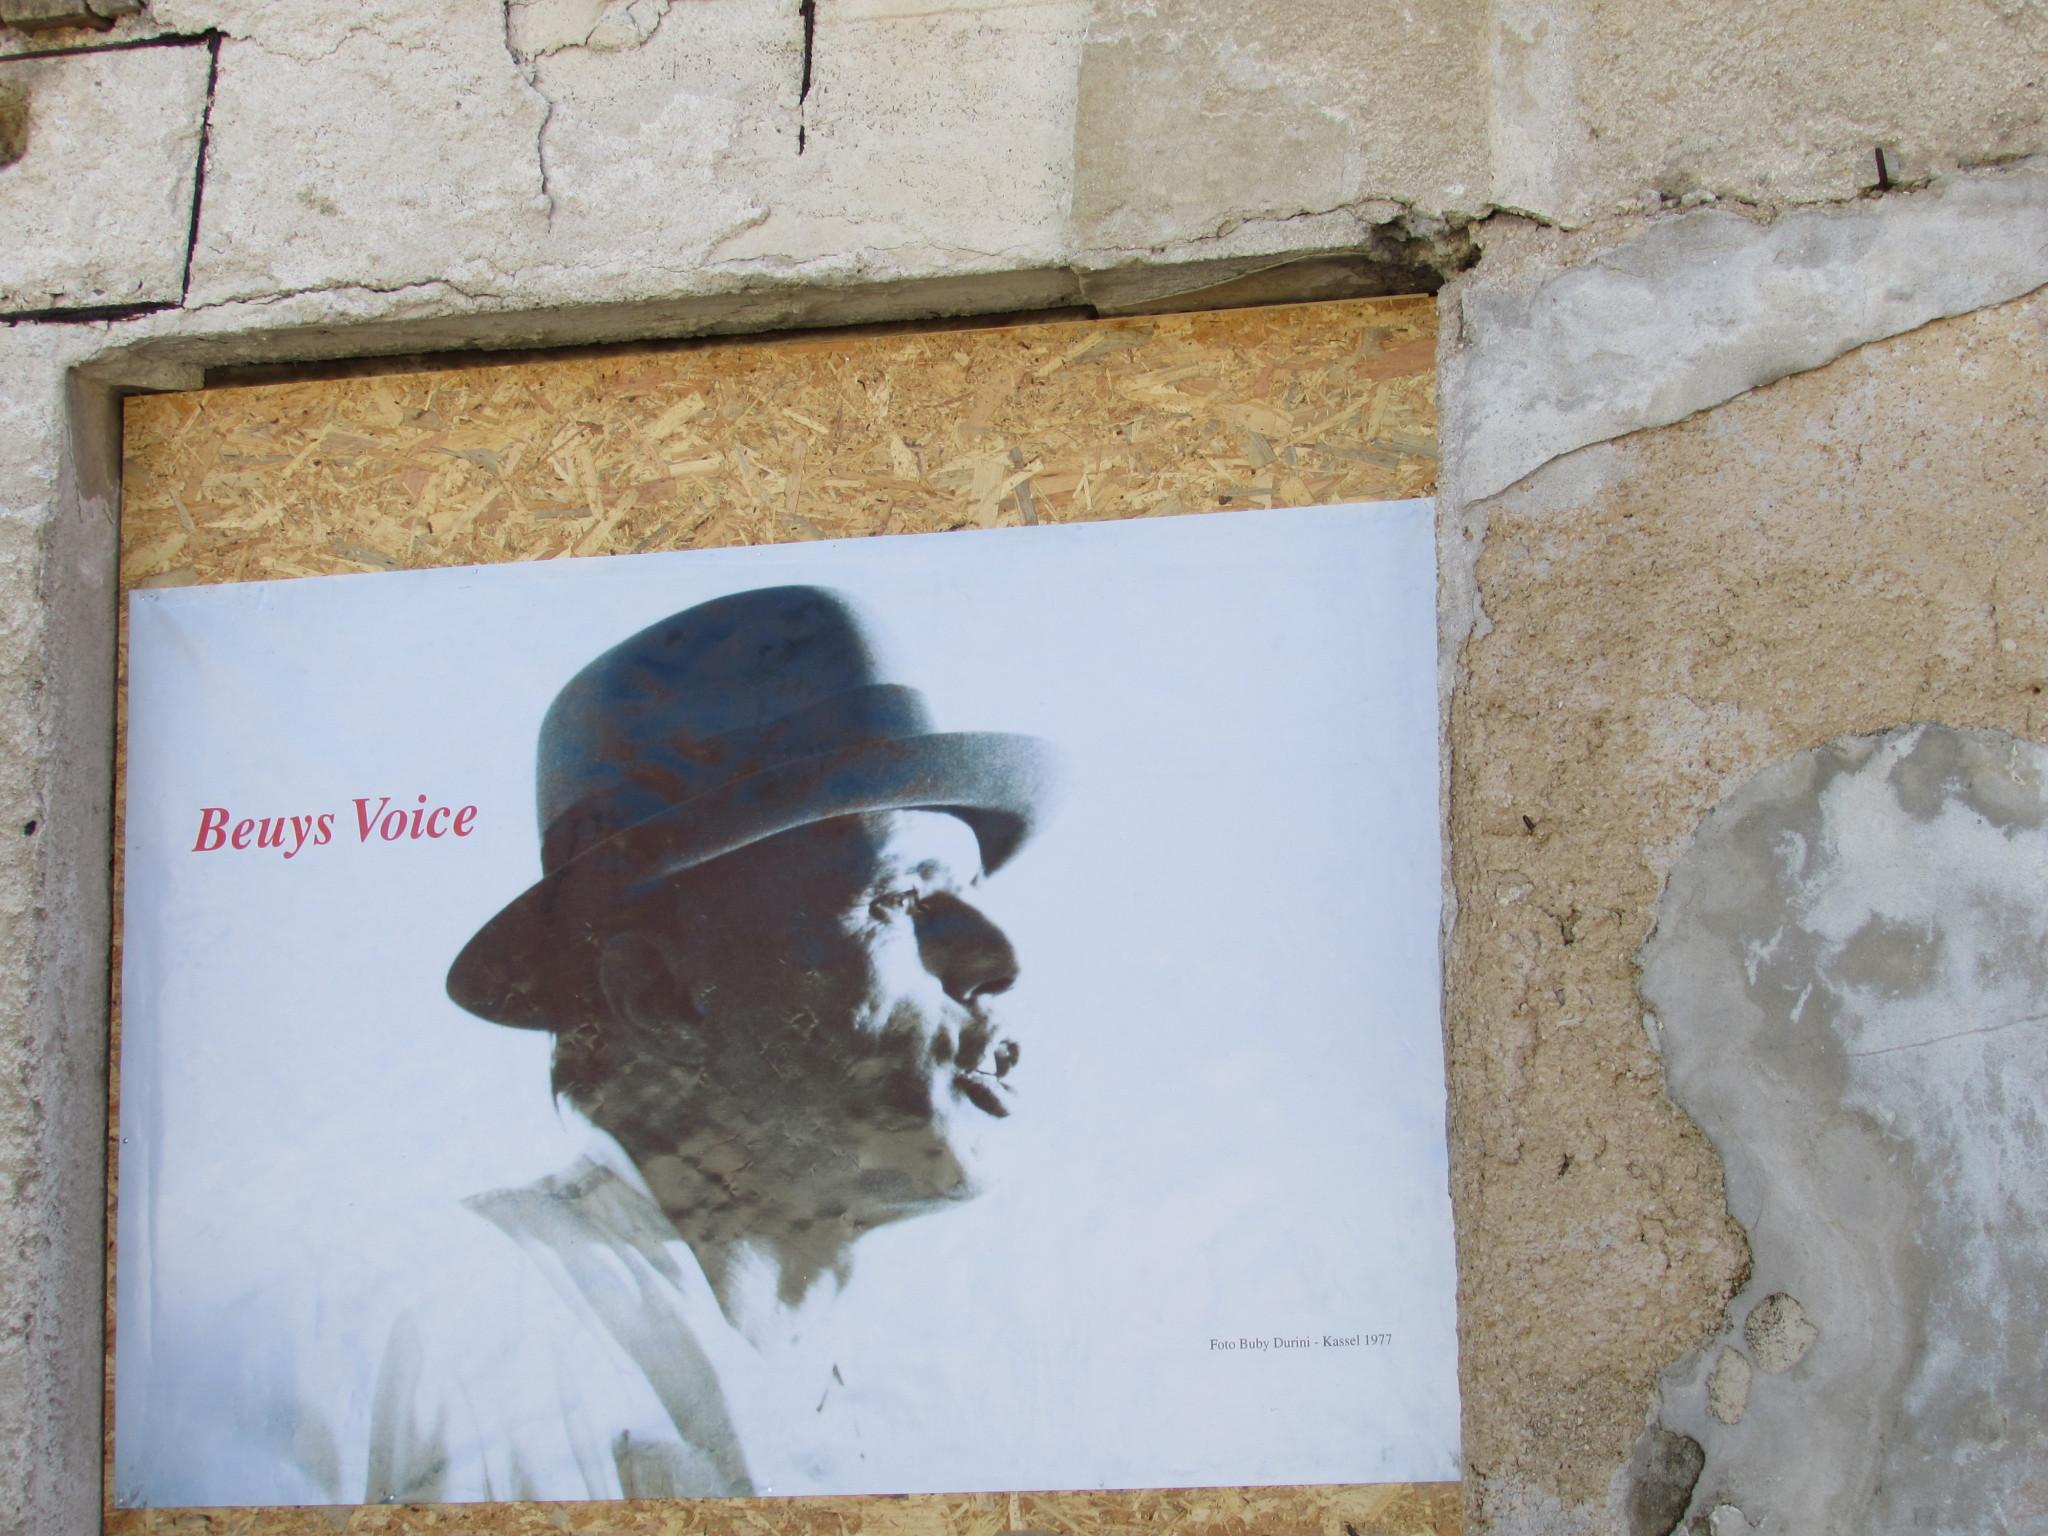 Beuys Voice